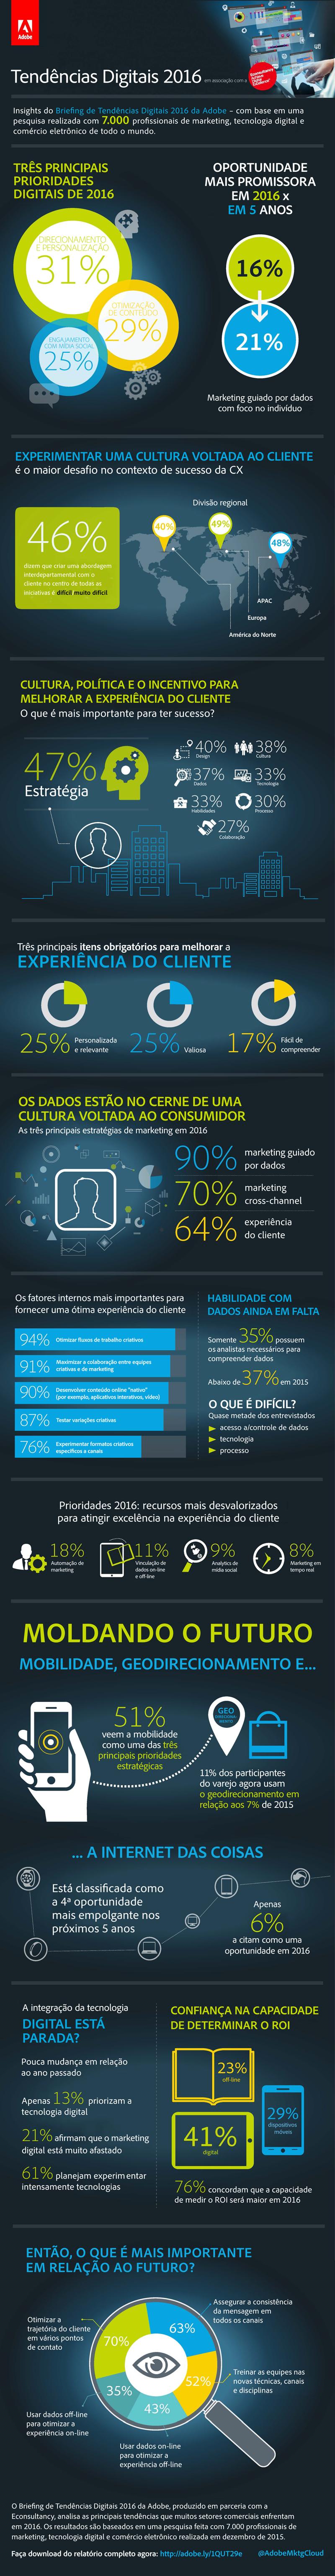 marketing orientado por dados